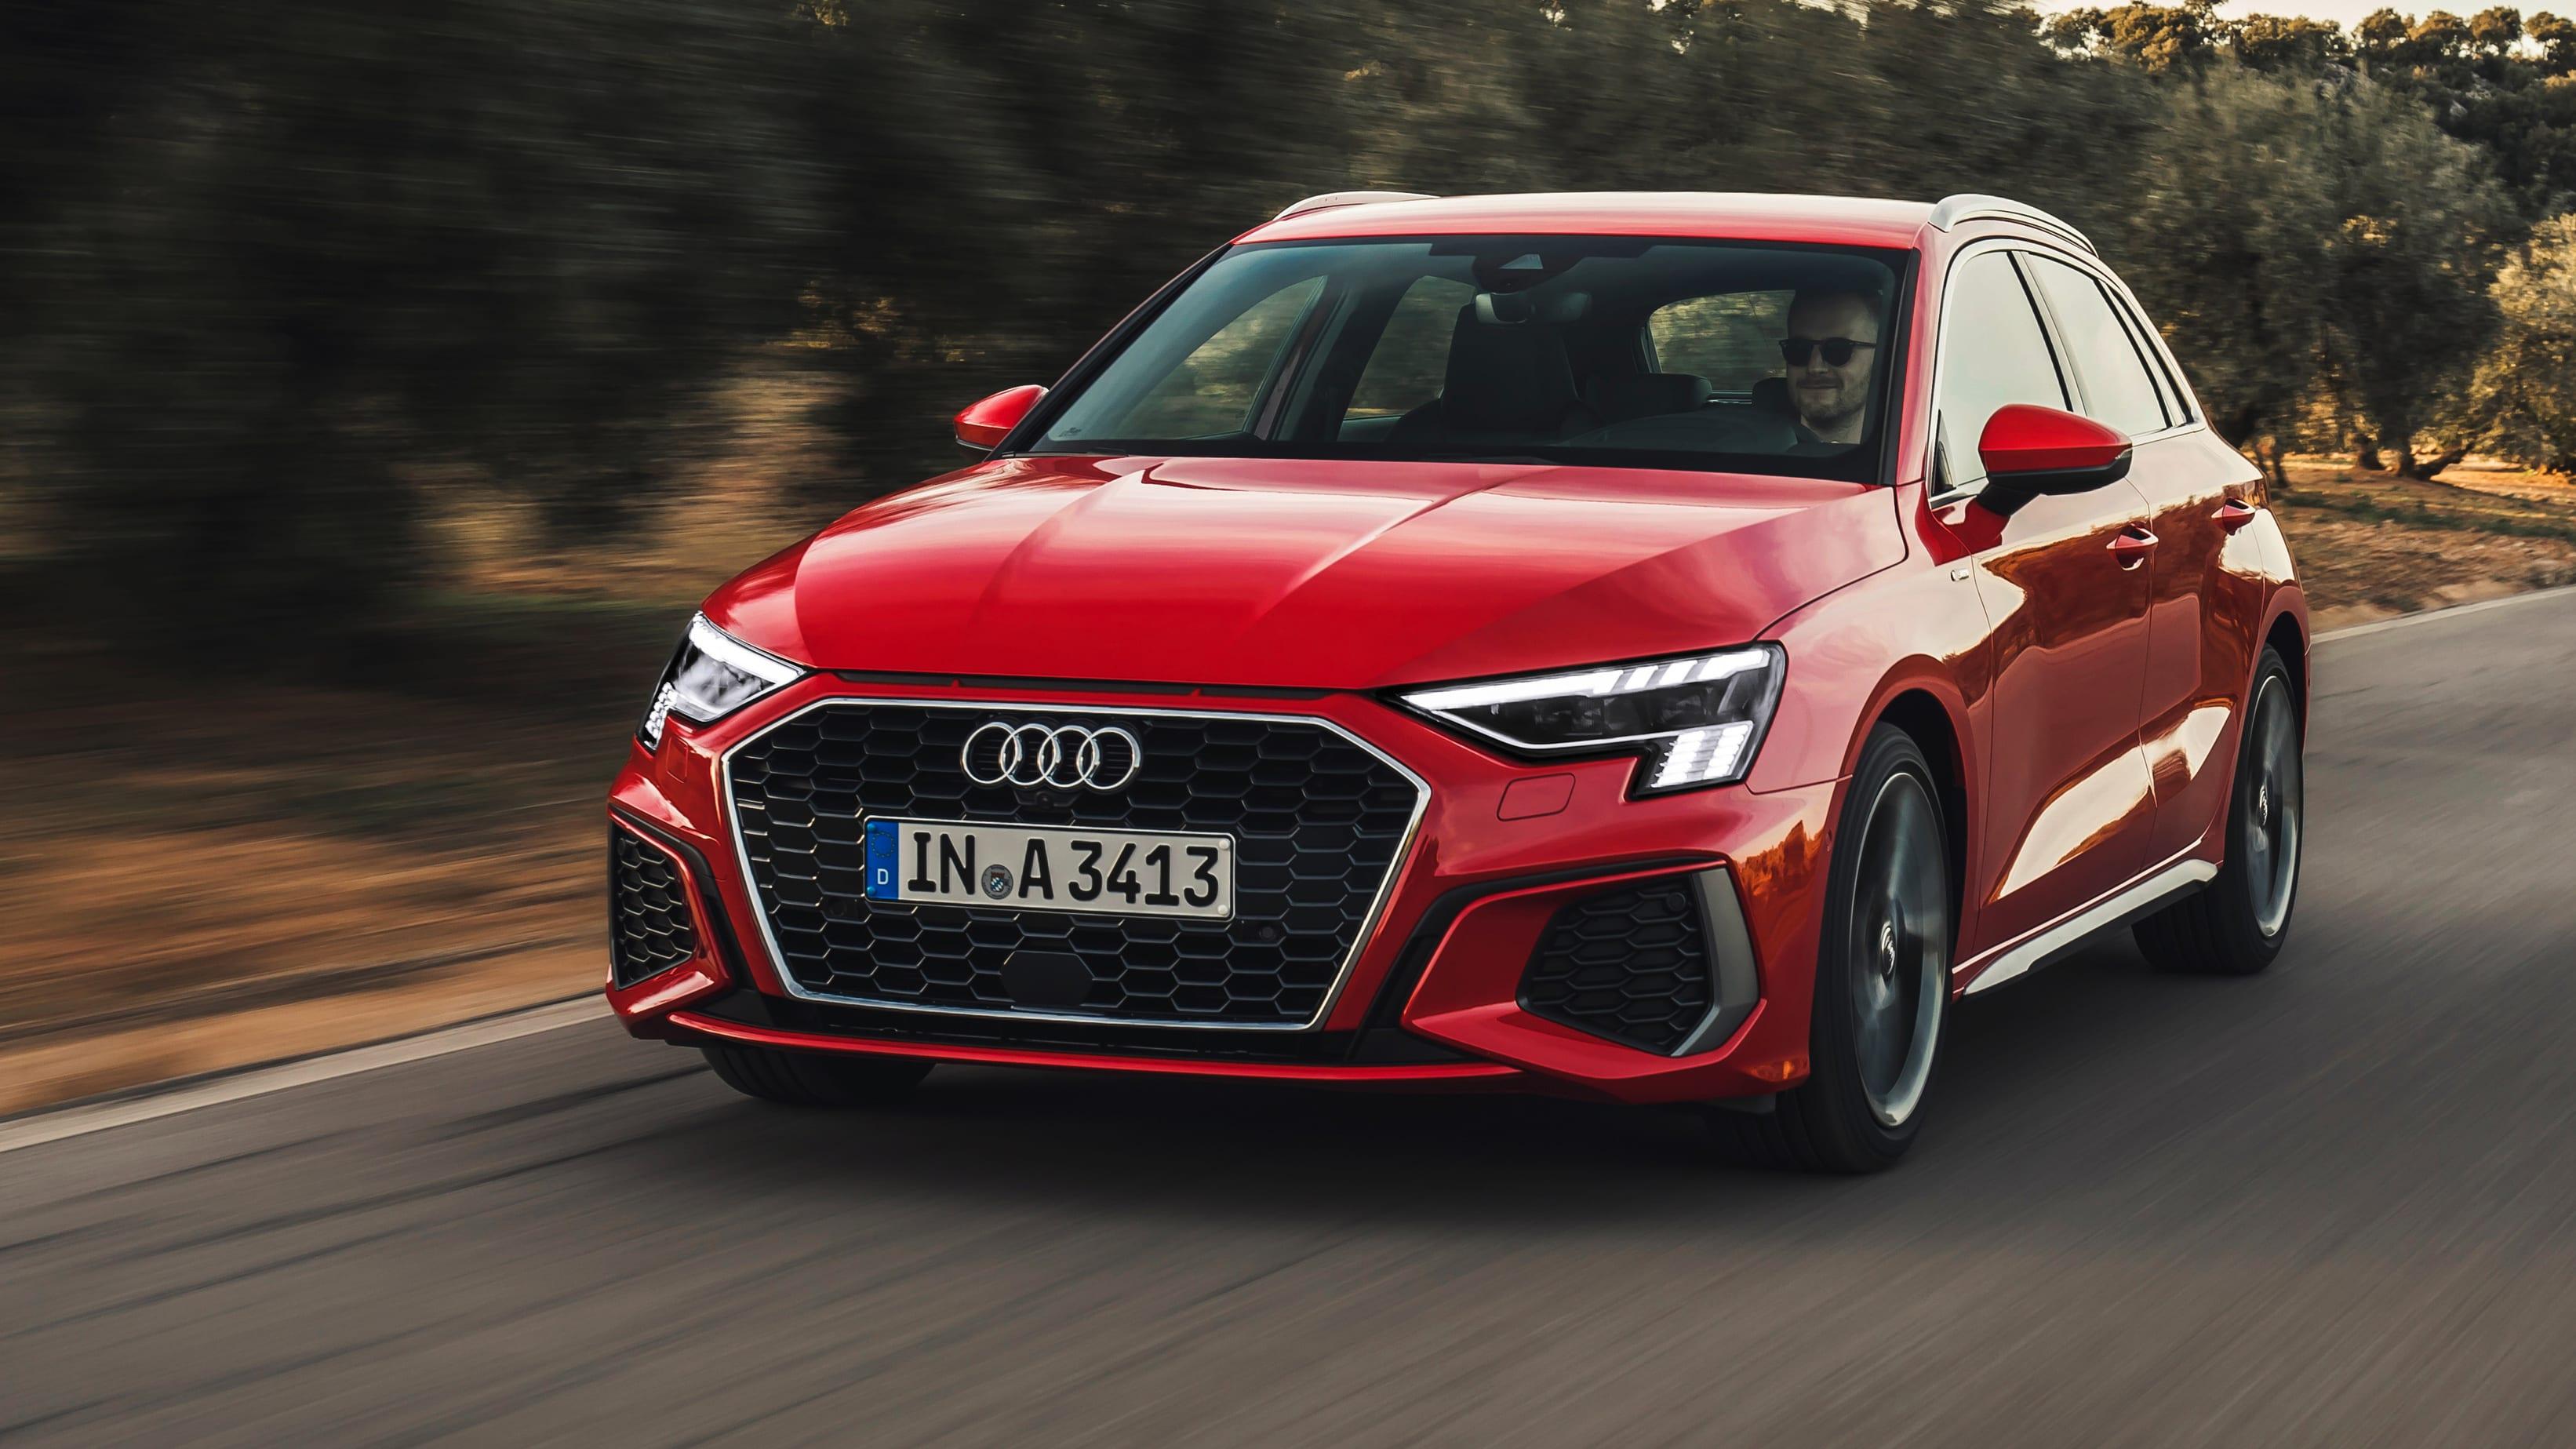 Kekurangan Audi A3 S3 Spesifikasi